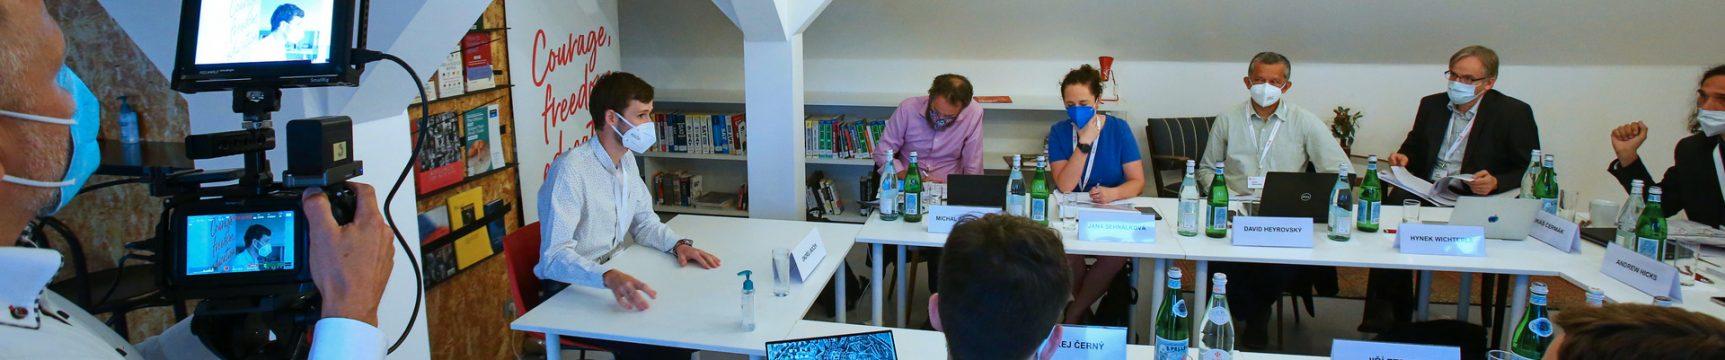 Dvanáct českých studentů zamíří na prestižní univerzity do zahraničí díky programu Scholarship